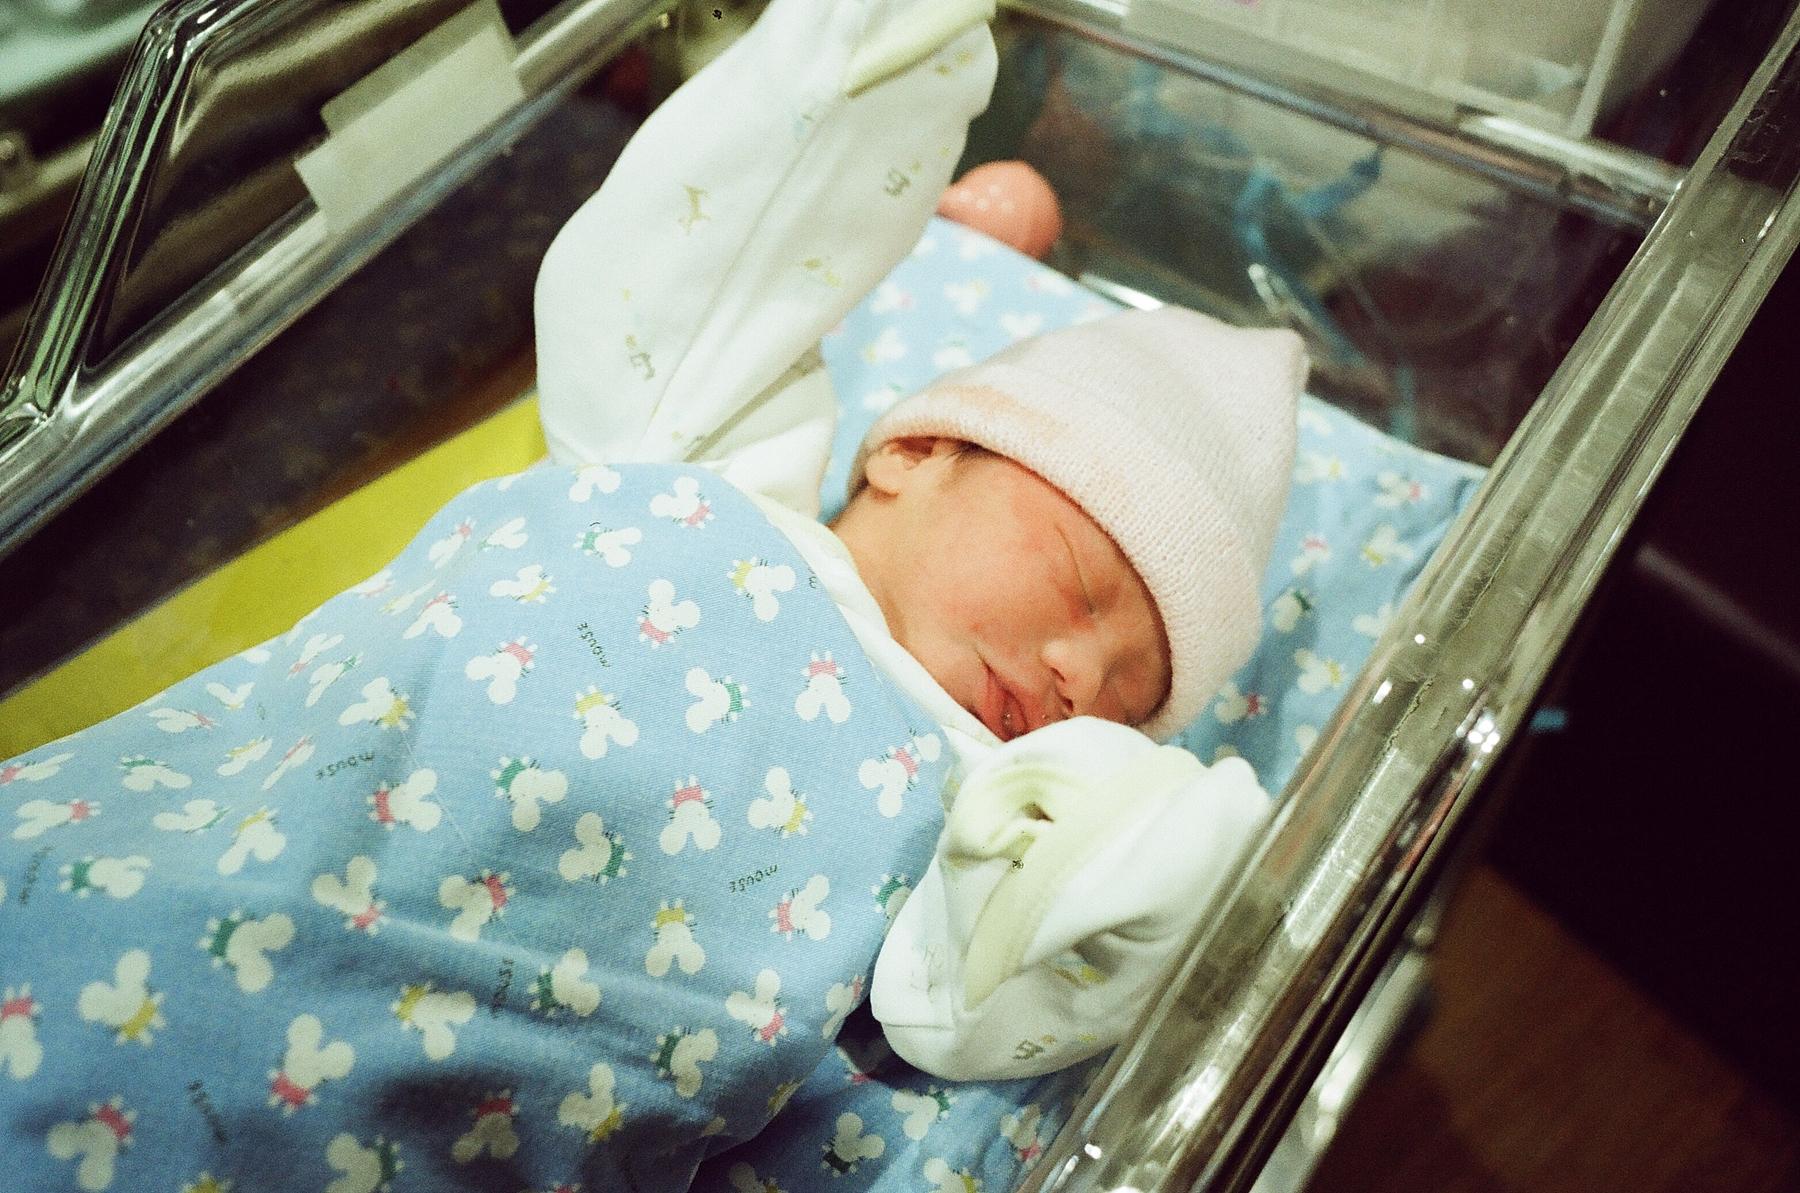 日常生活,桃園,過年,台北,生產,新生兒,底片風格,自然